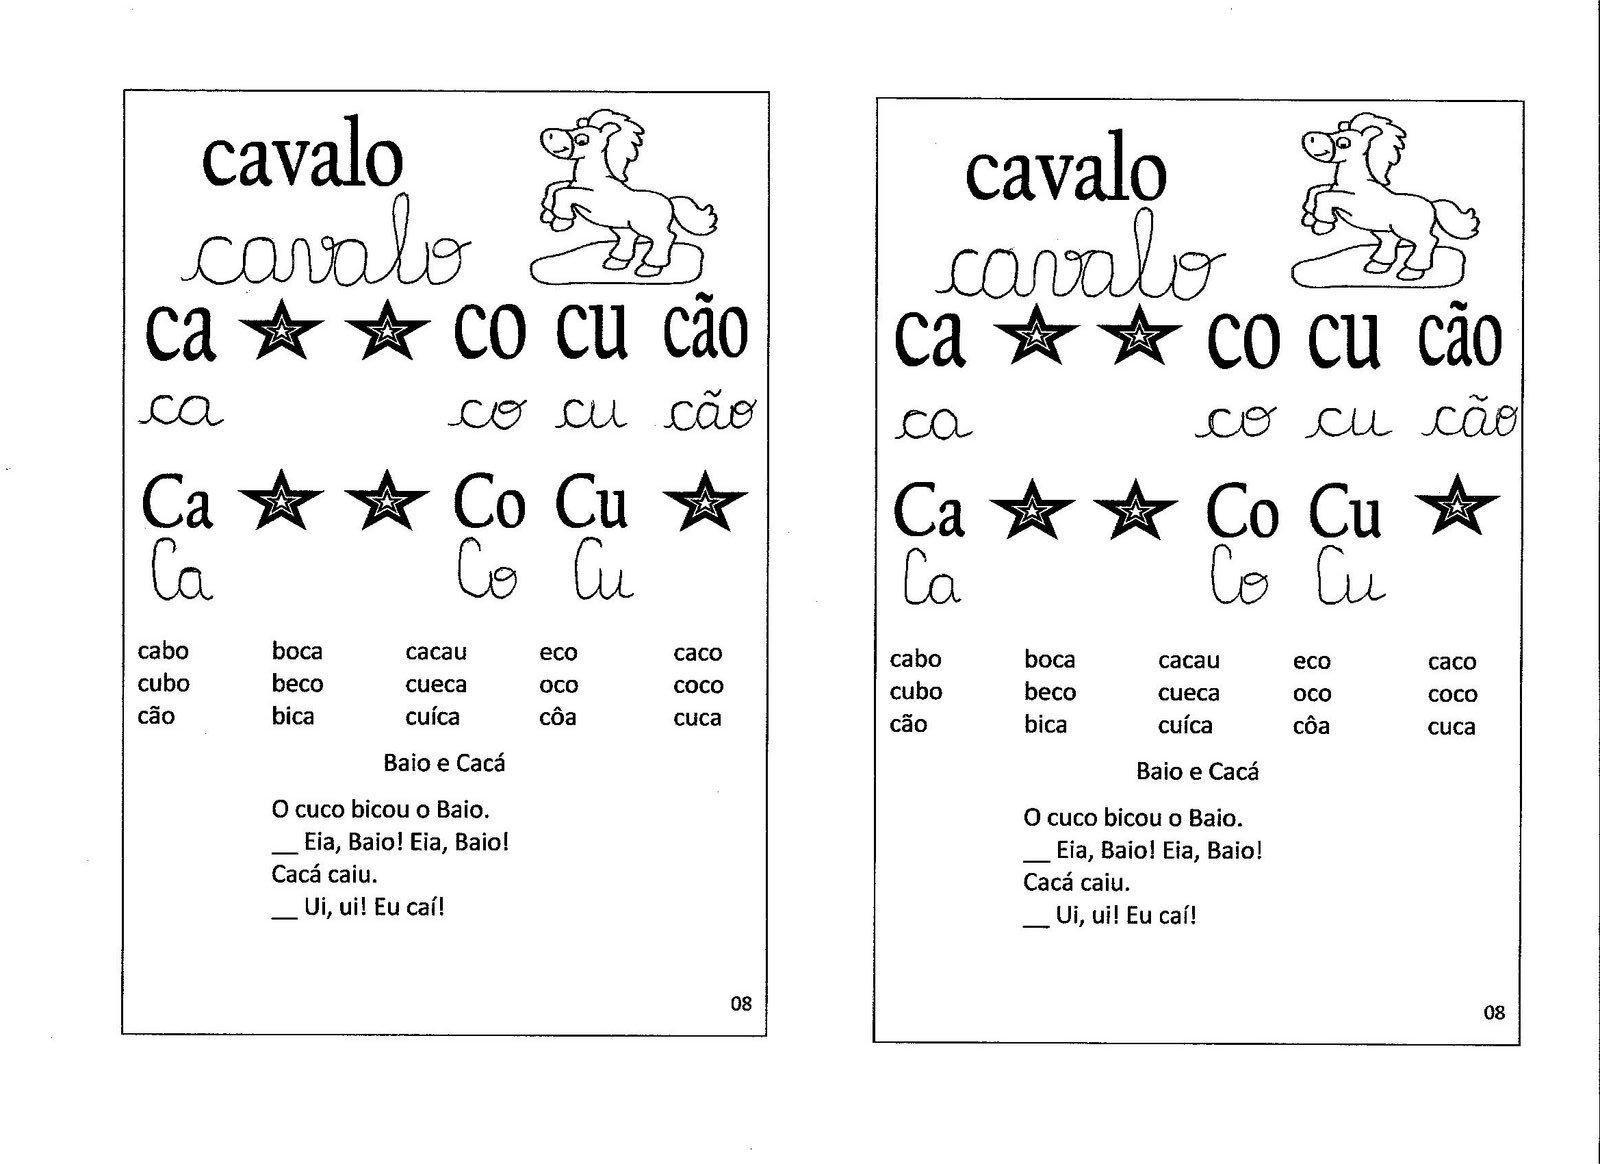 Amado A Magia do Aprender/Ensinar: Ficha de leitura com as silabas simples. IO33